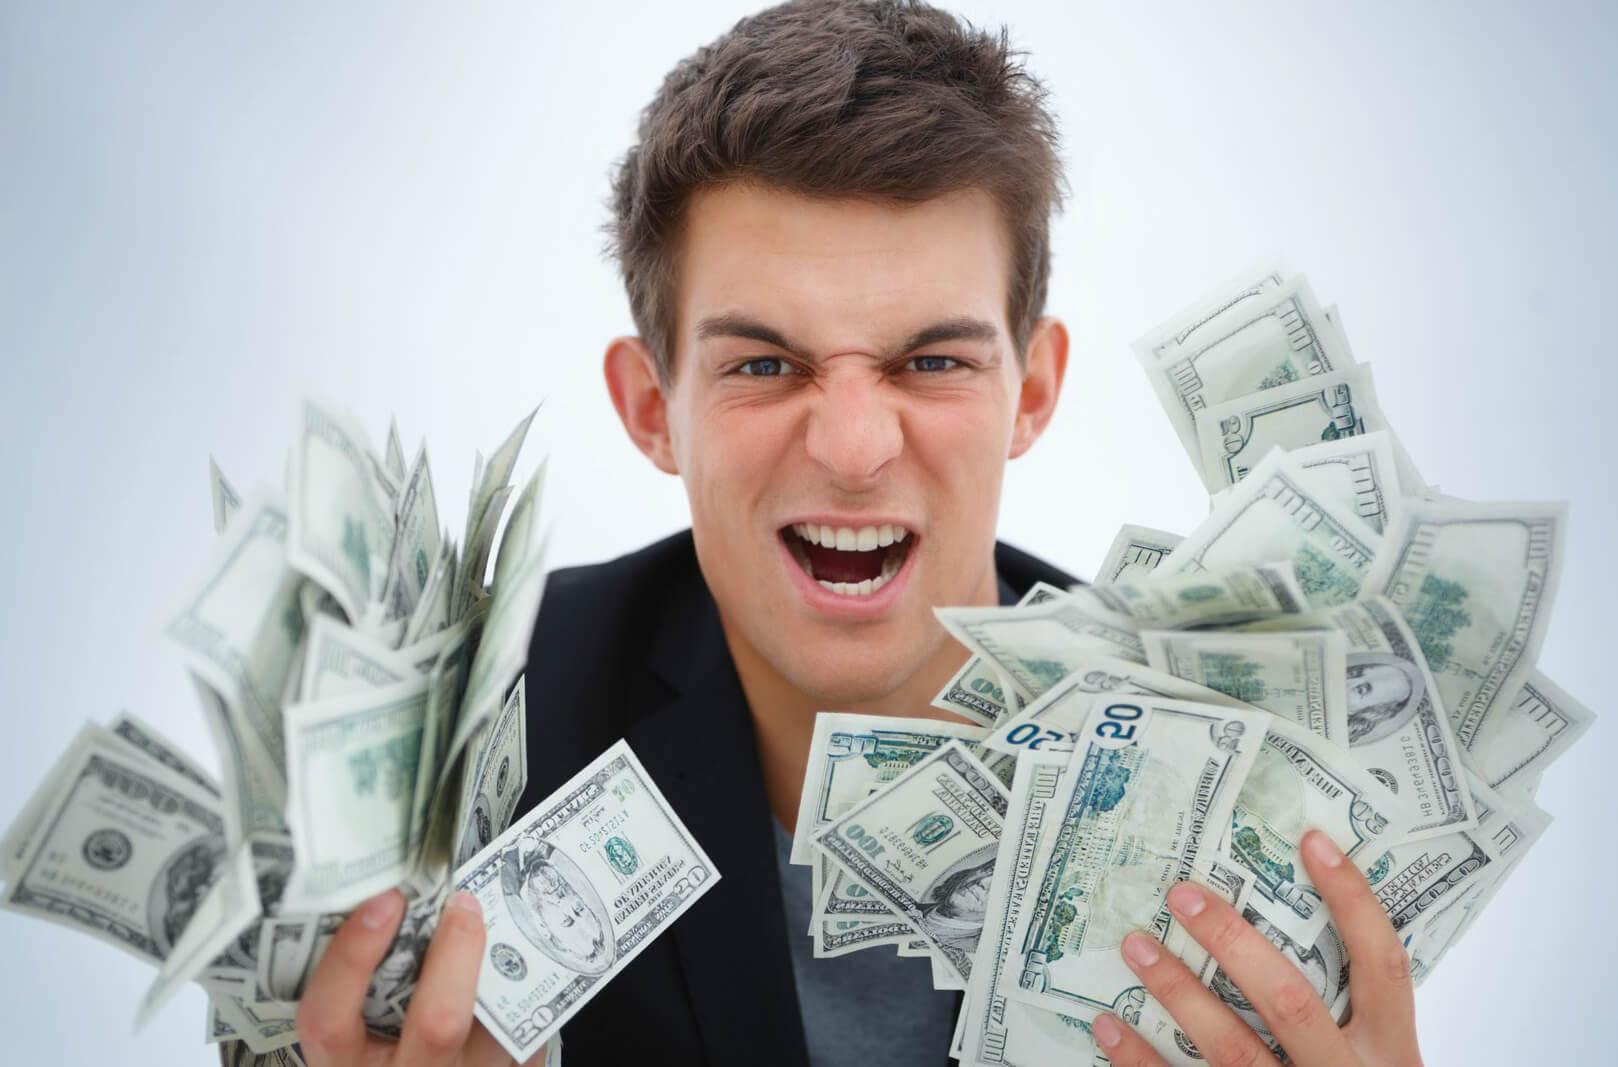 Как взять кредит наличными, чтобы не остаться должником?